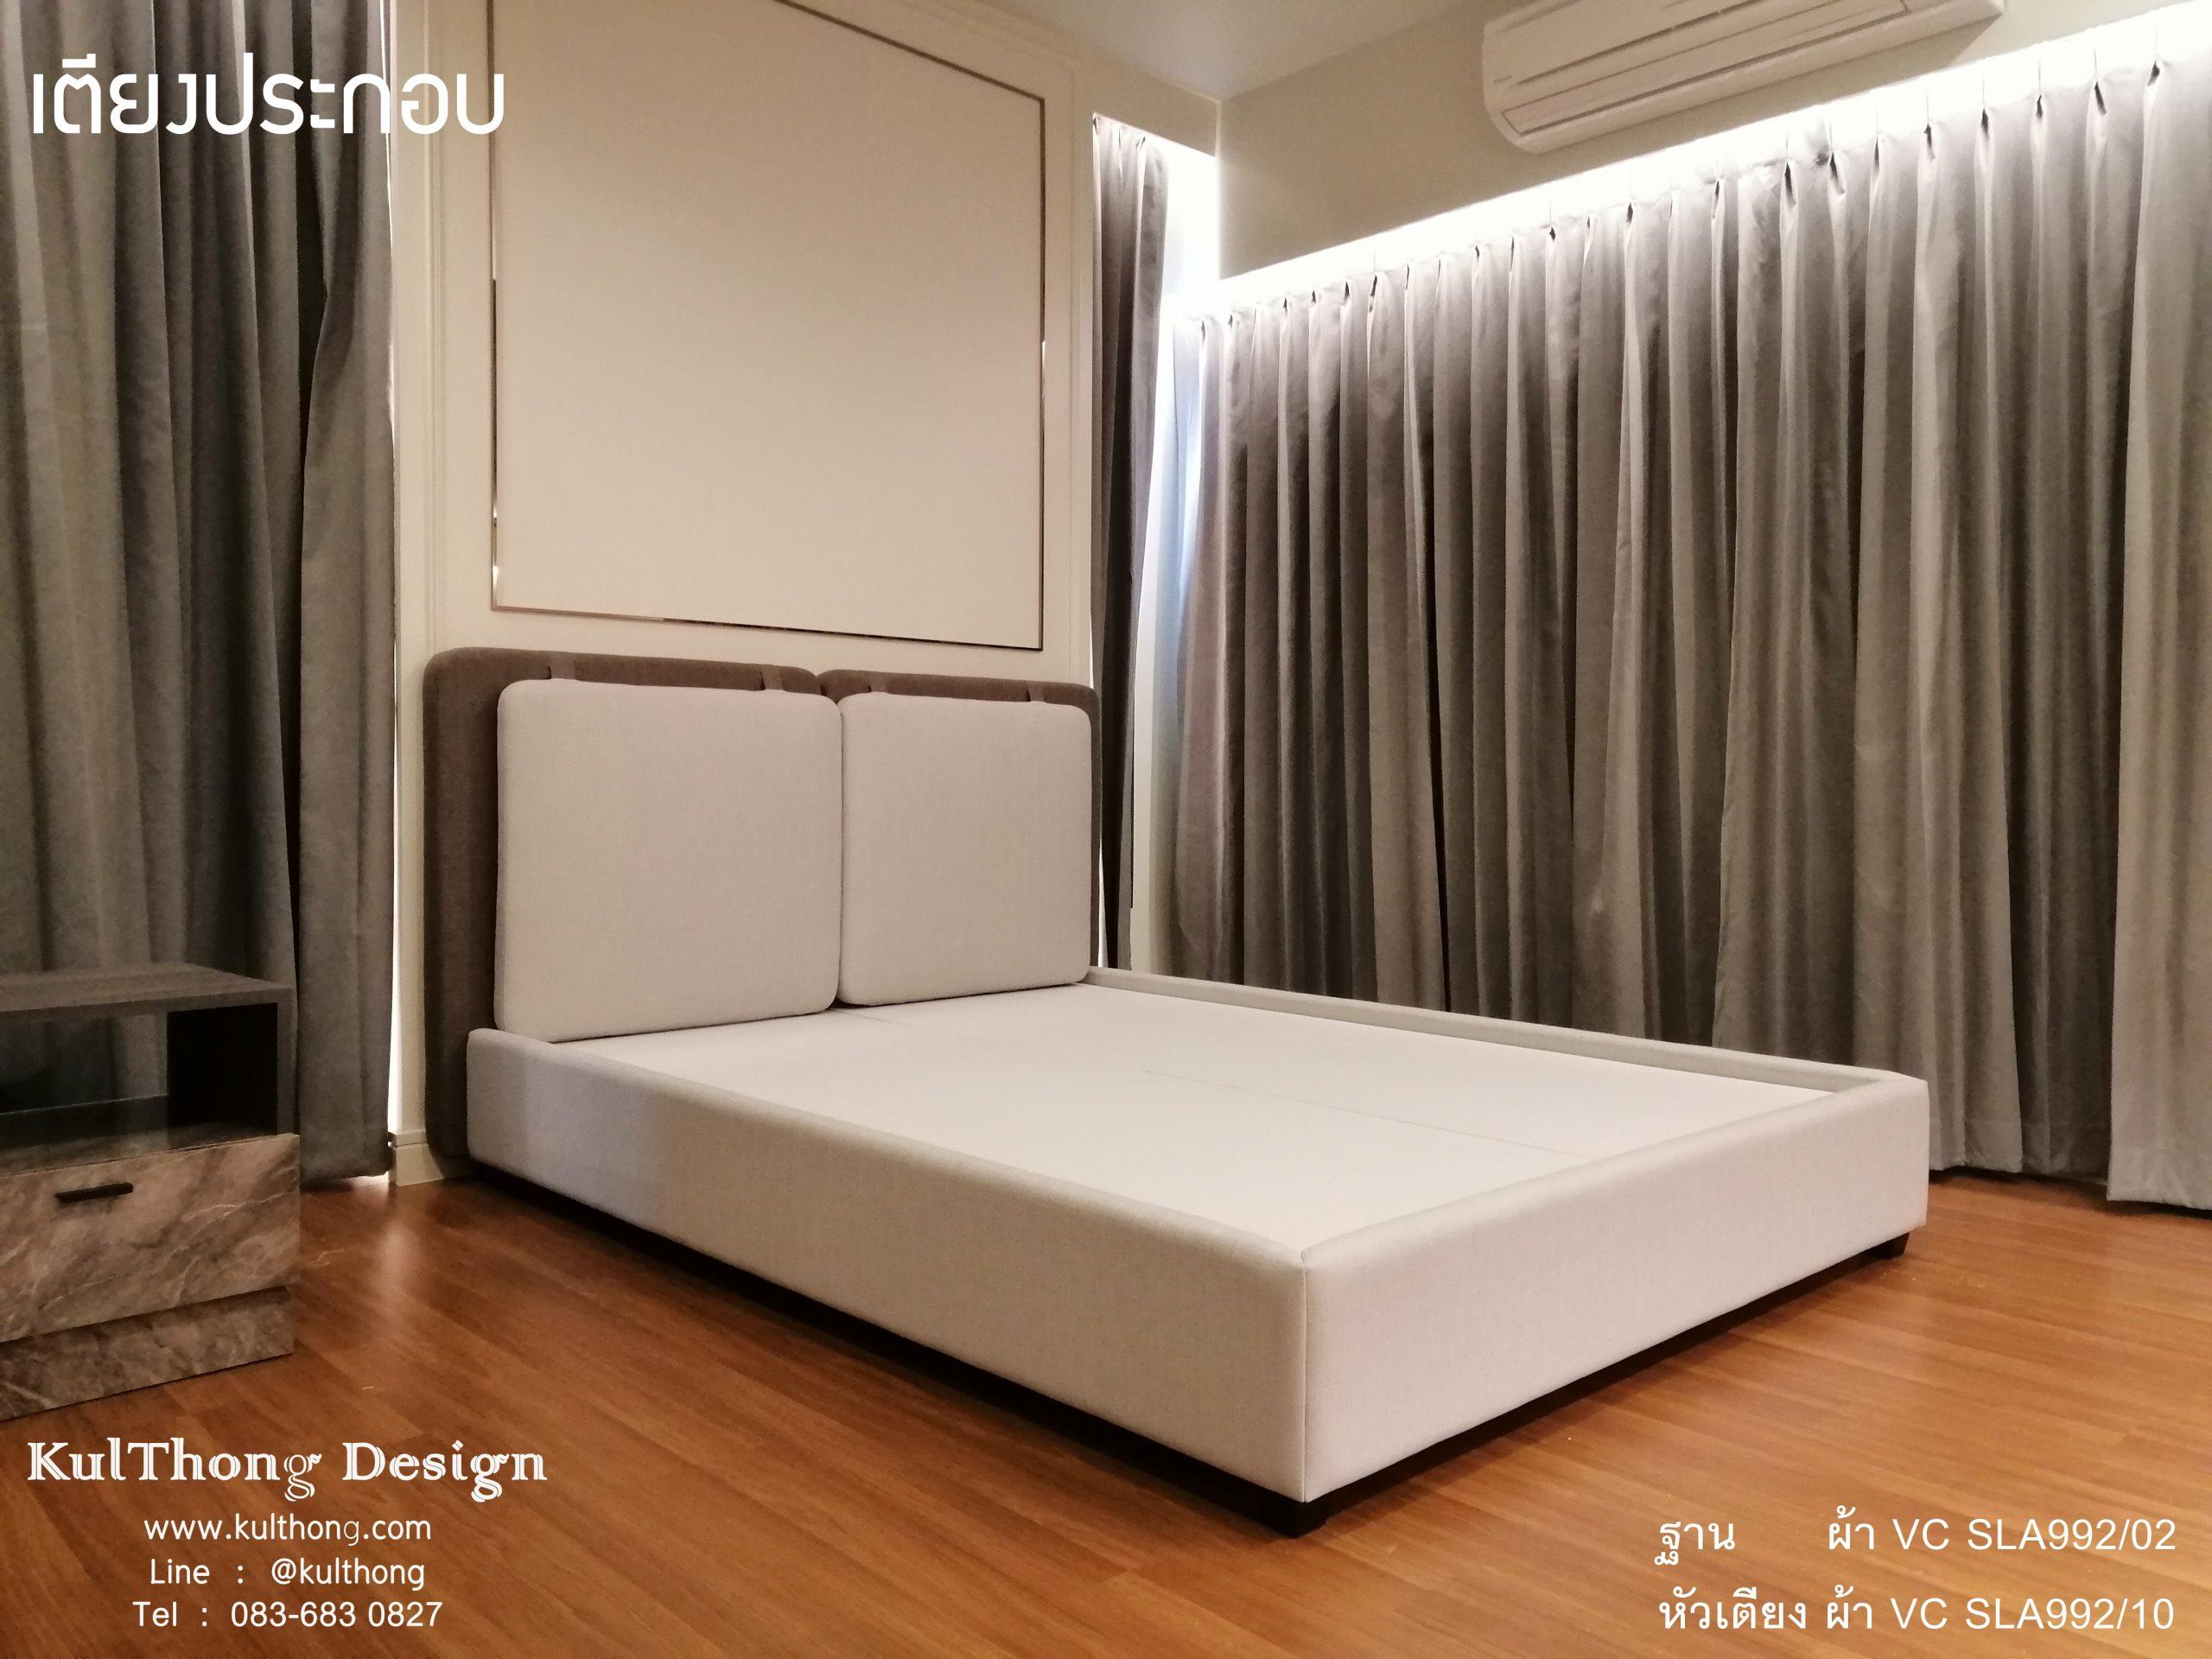 เตียงดีไซน์ ฐานรองที่นอน เตียงสั่งผลิต